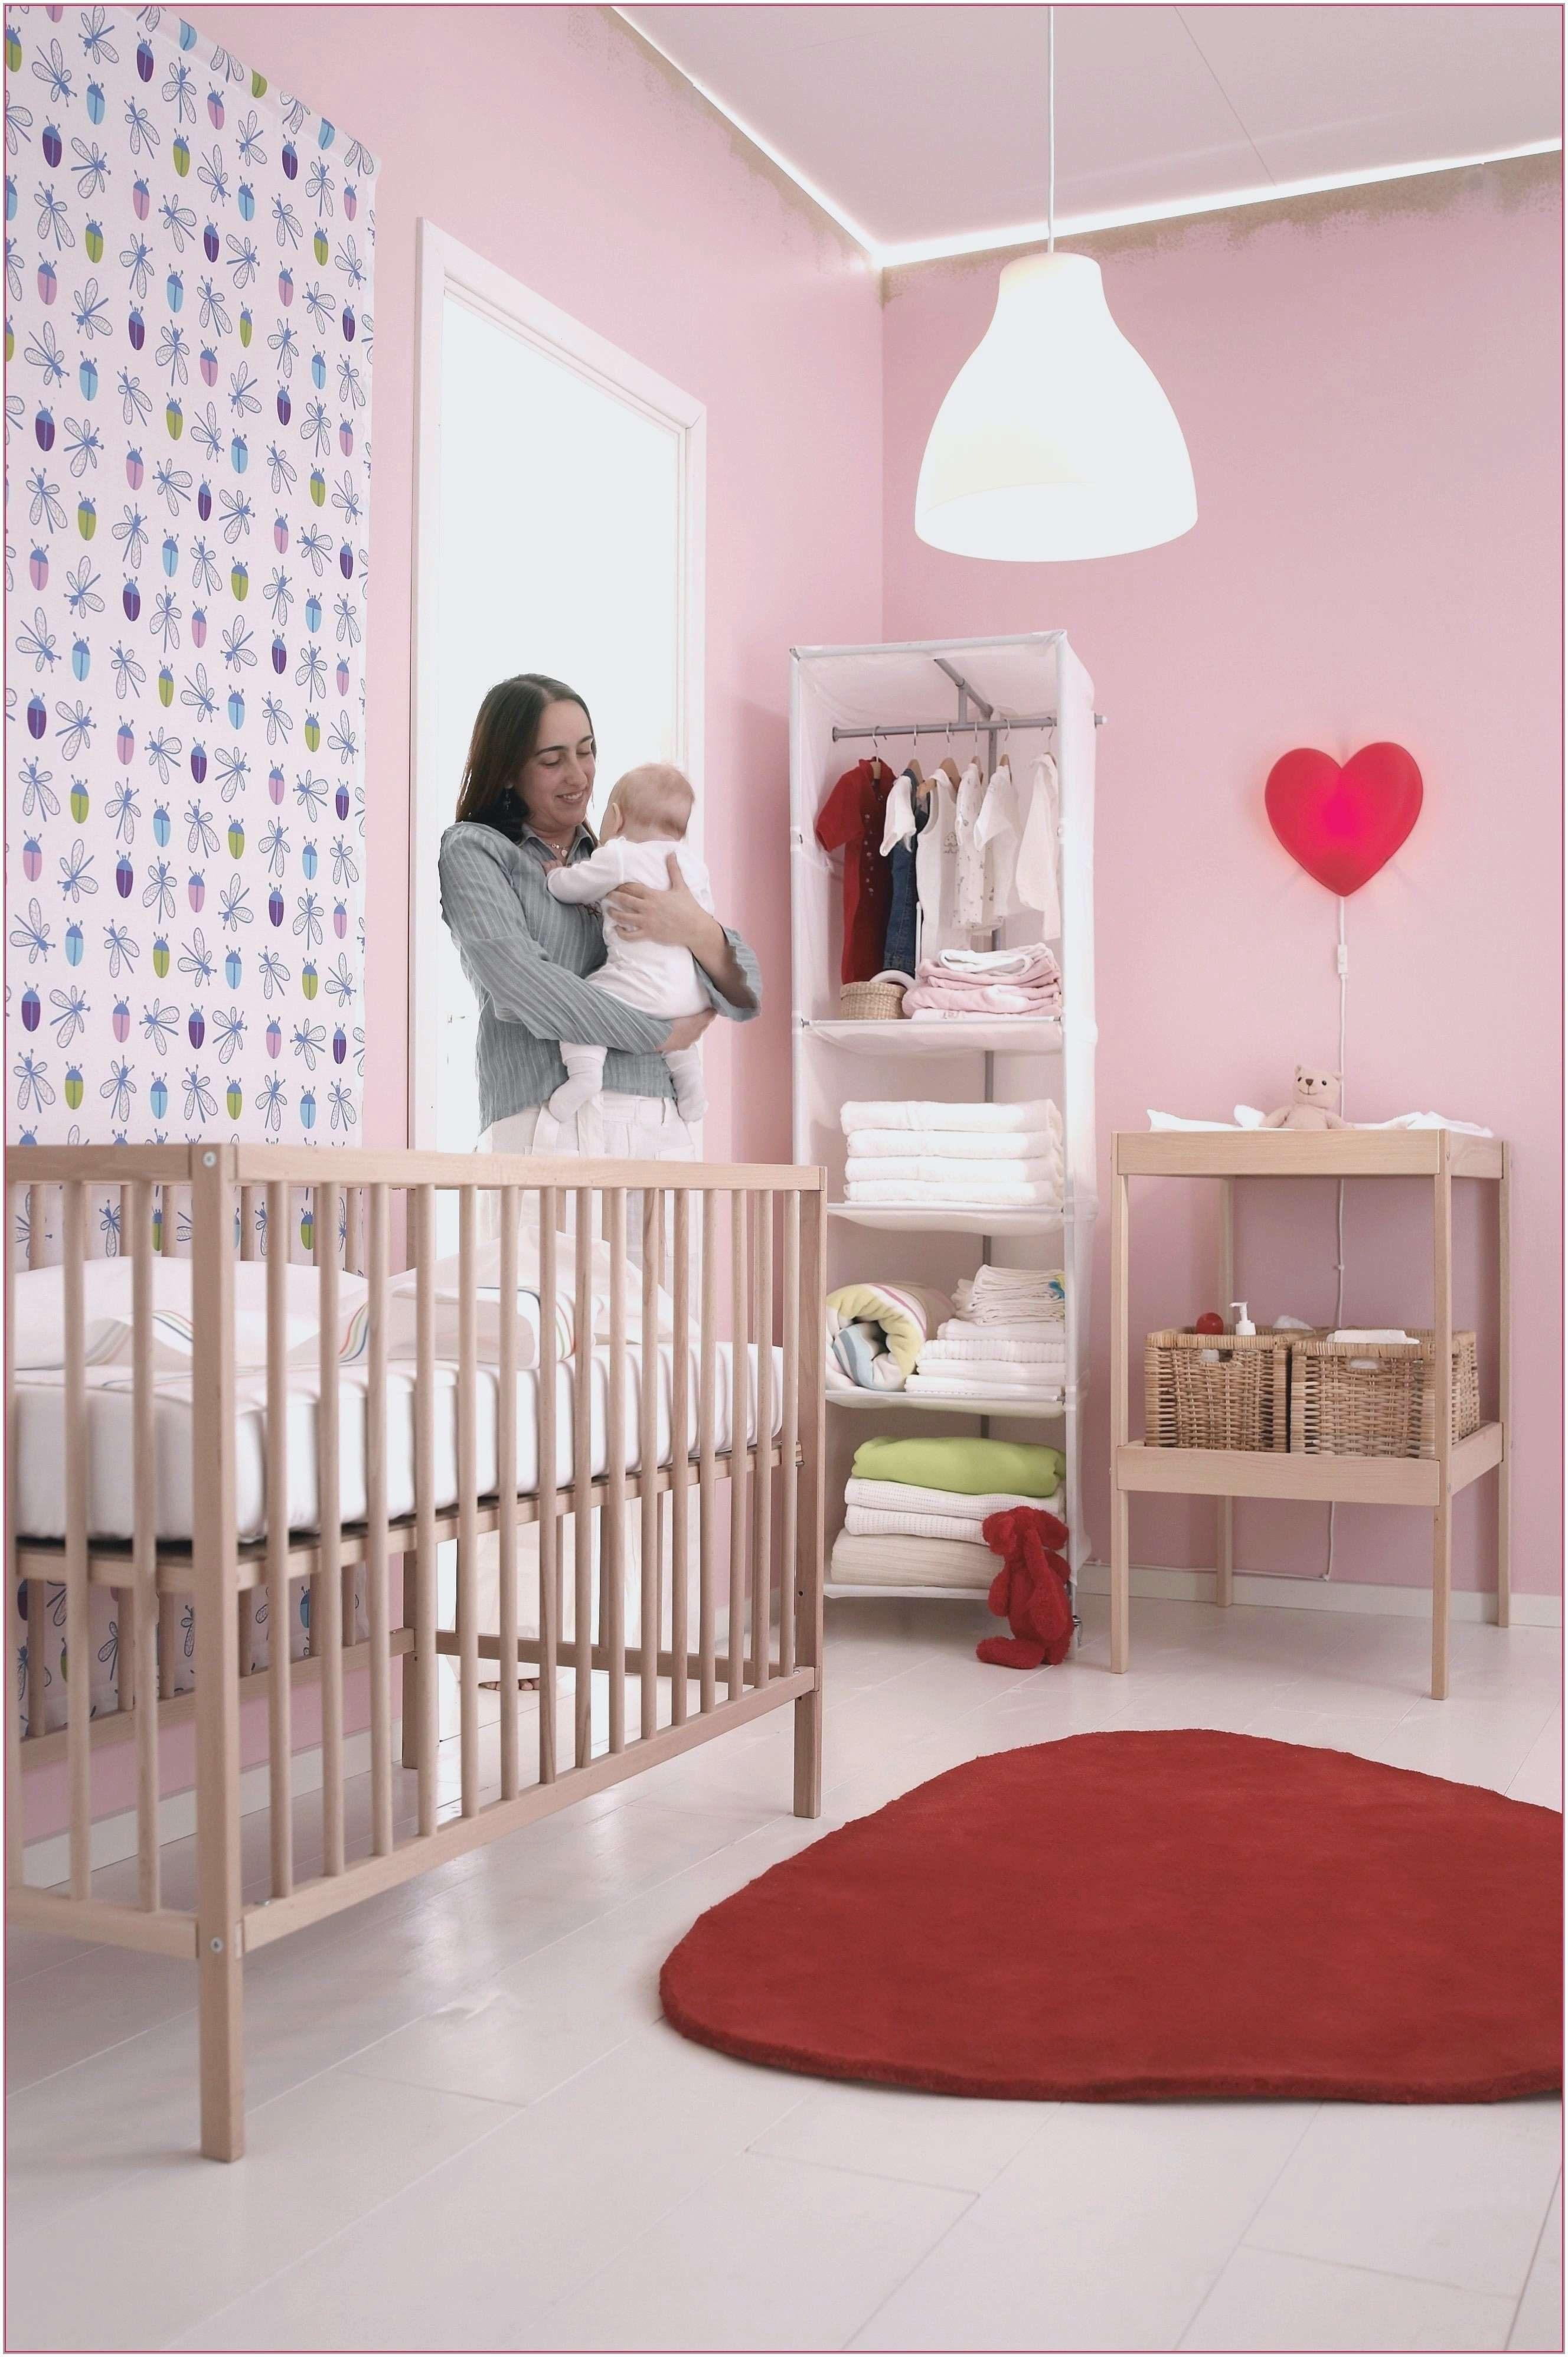 Lit Bébé Avec Tiroir Unique 59 Peinture Chambre Bébé Fille Vue Jongor4hire